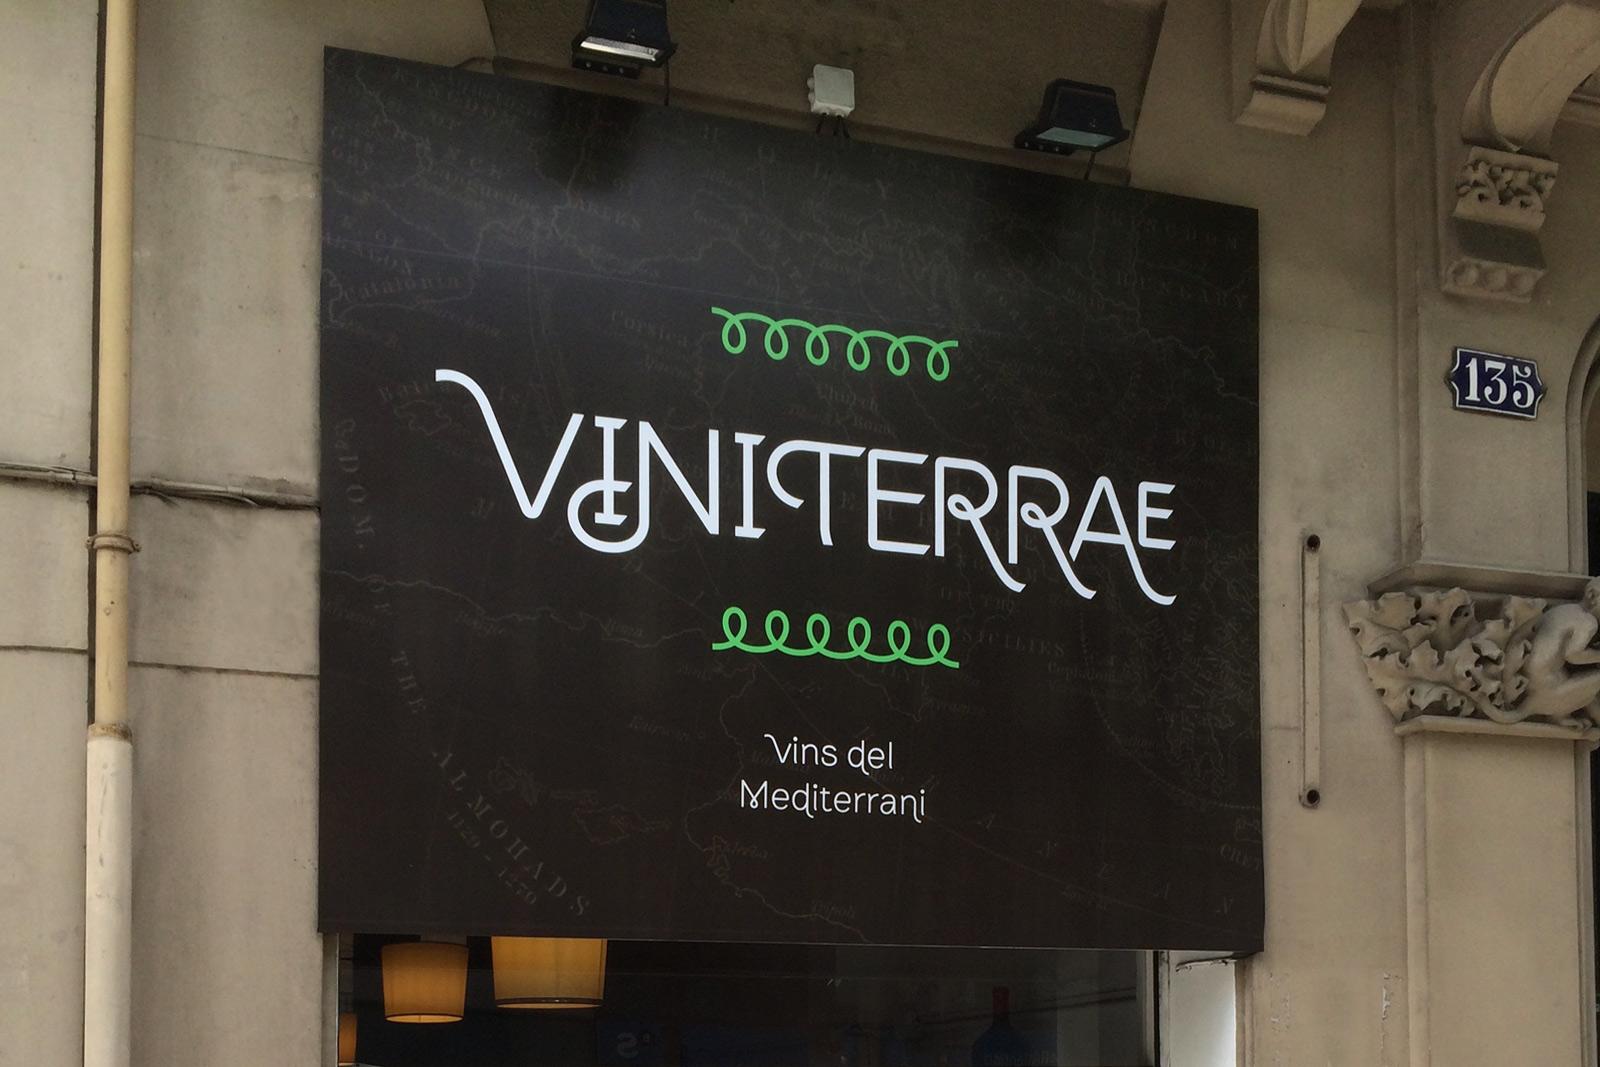 ViniTerrae shop